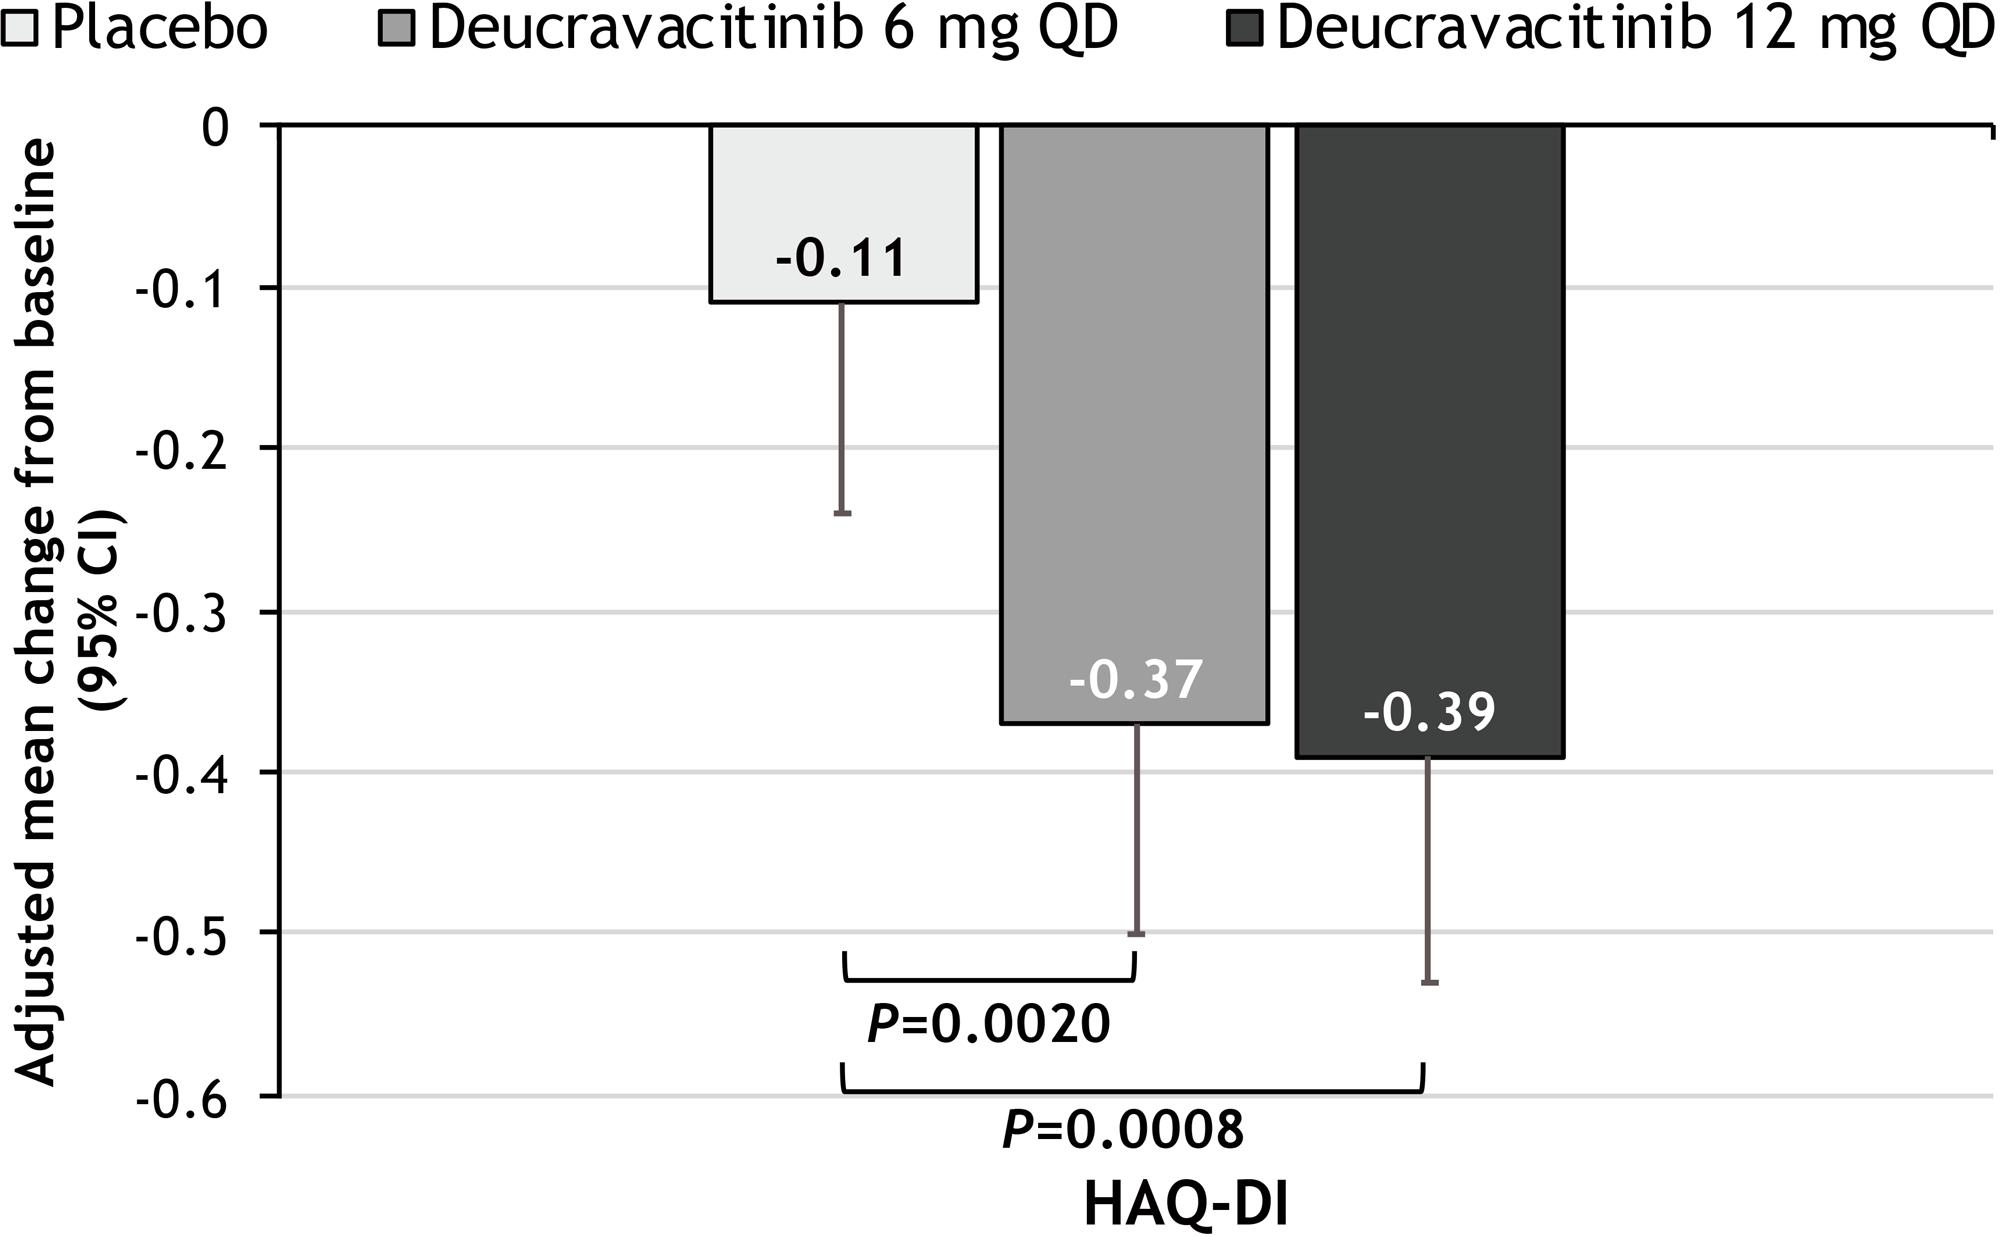 nct03881059 results 02 - Деукравацитиниб: лекарство будущего против аутоиммунных заболеваний